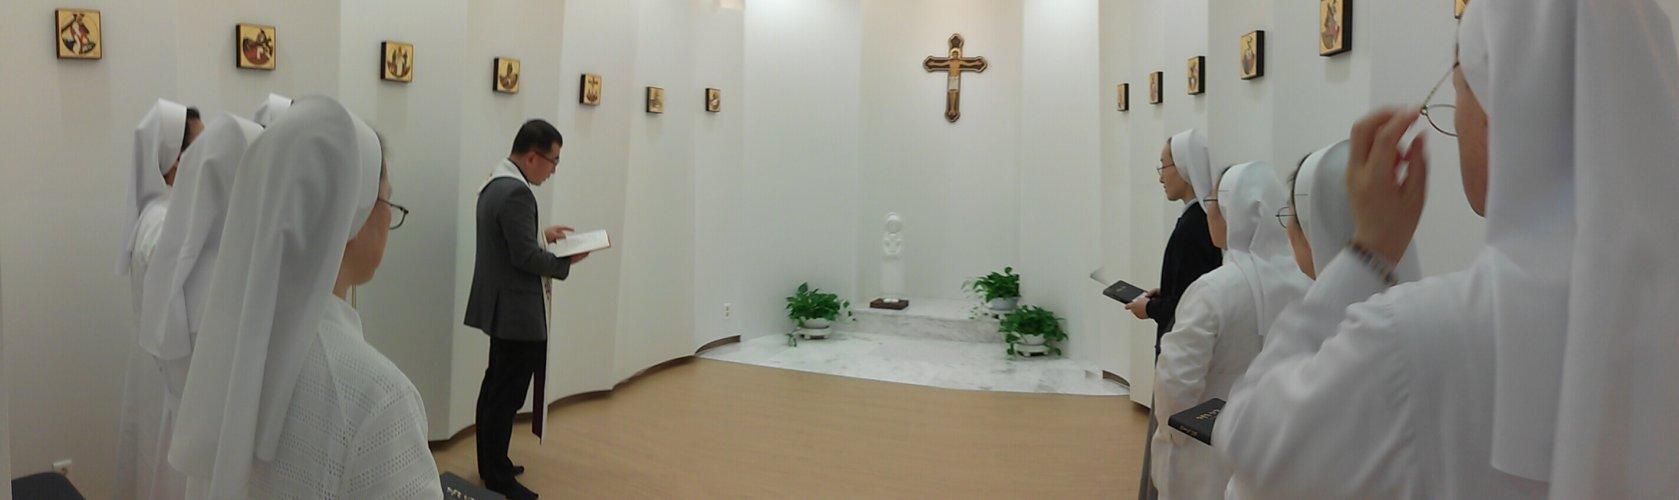 20181005_암병원_기도실